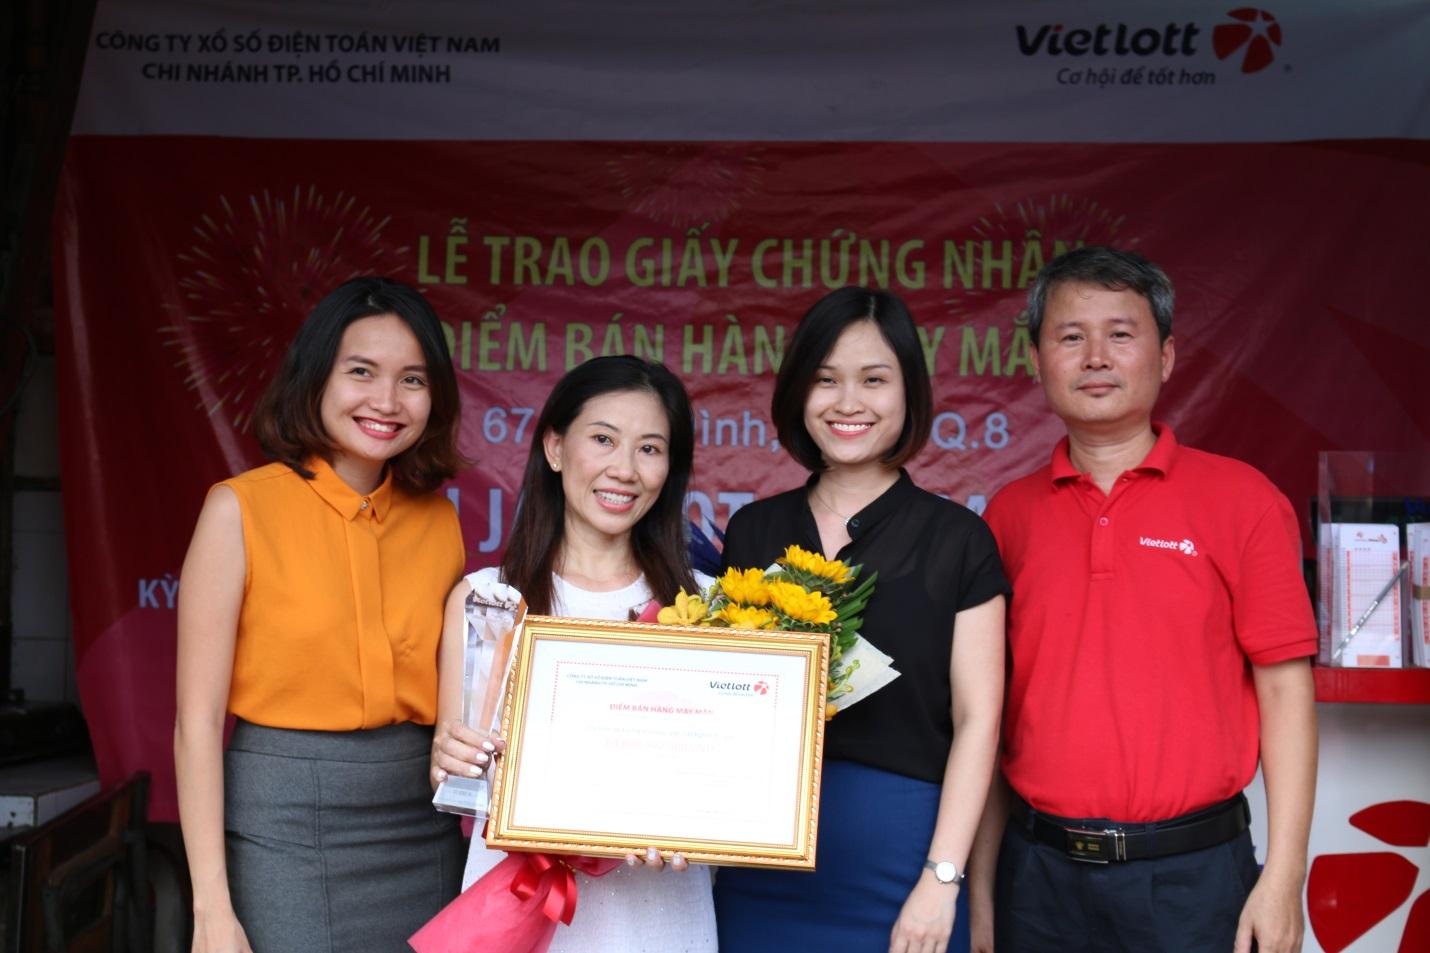 Vietlott và đại diện Berjaya trao giấy chứng nhận cho ĐBH bán vé Jackpot kỳ QSMT số 46